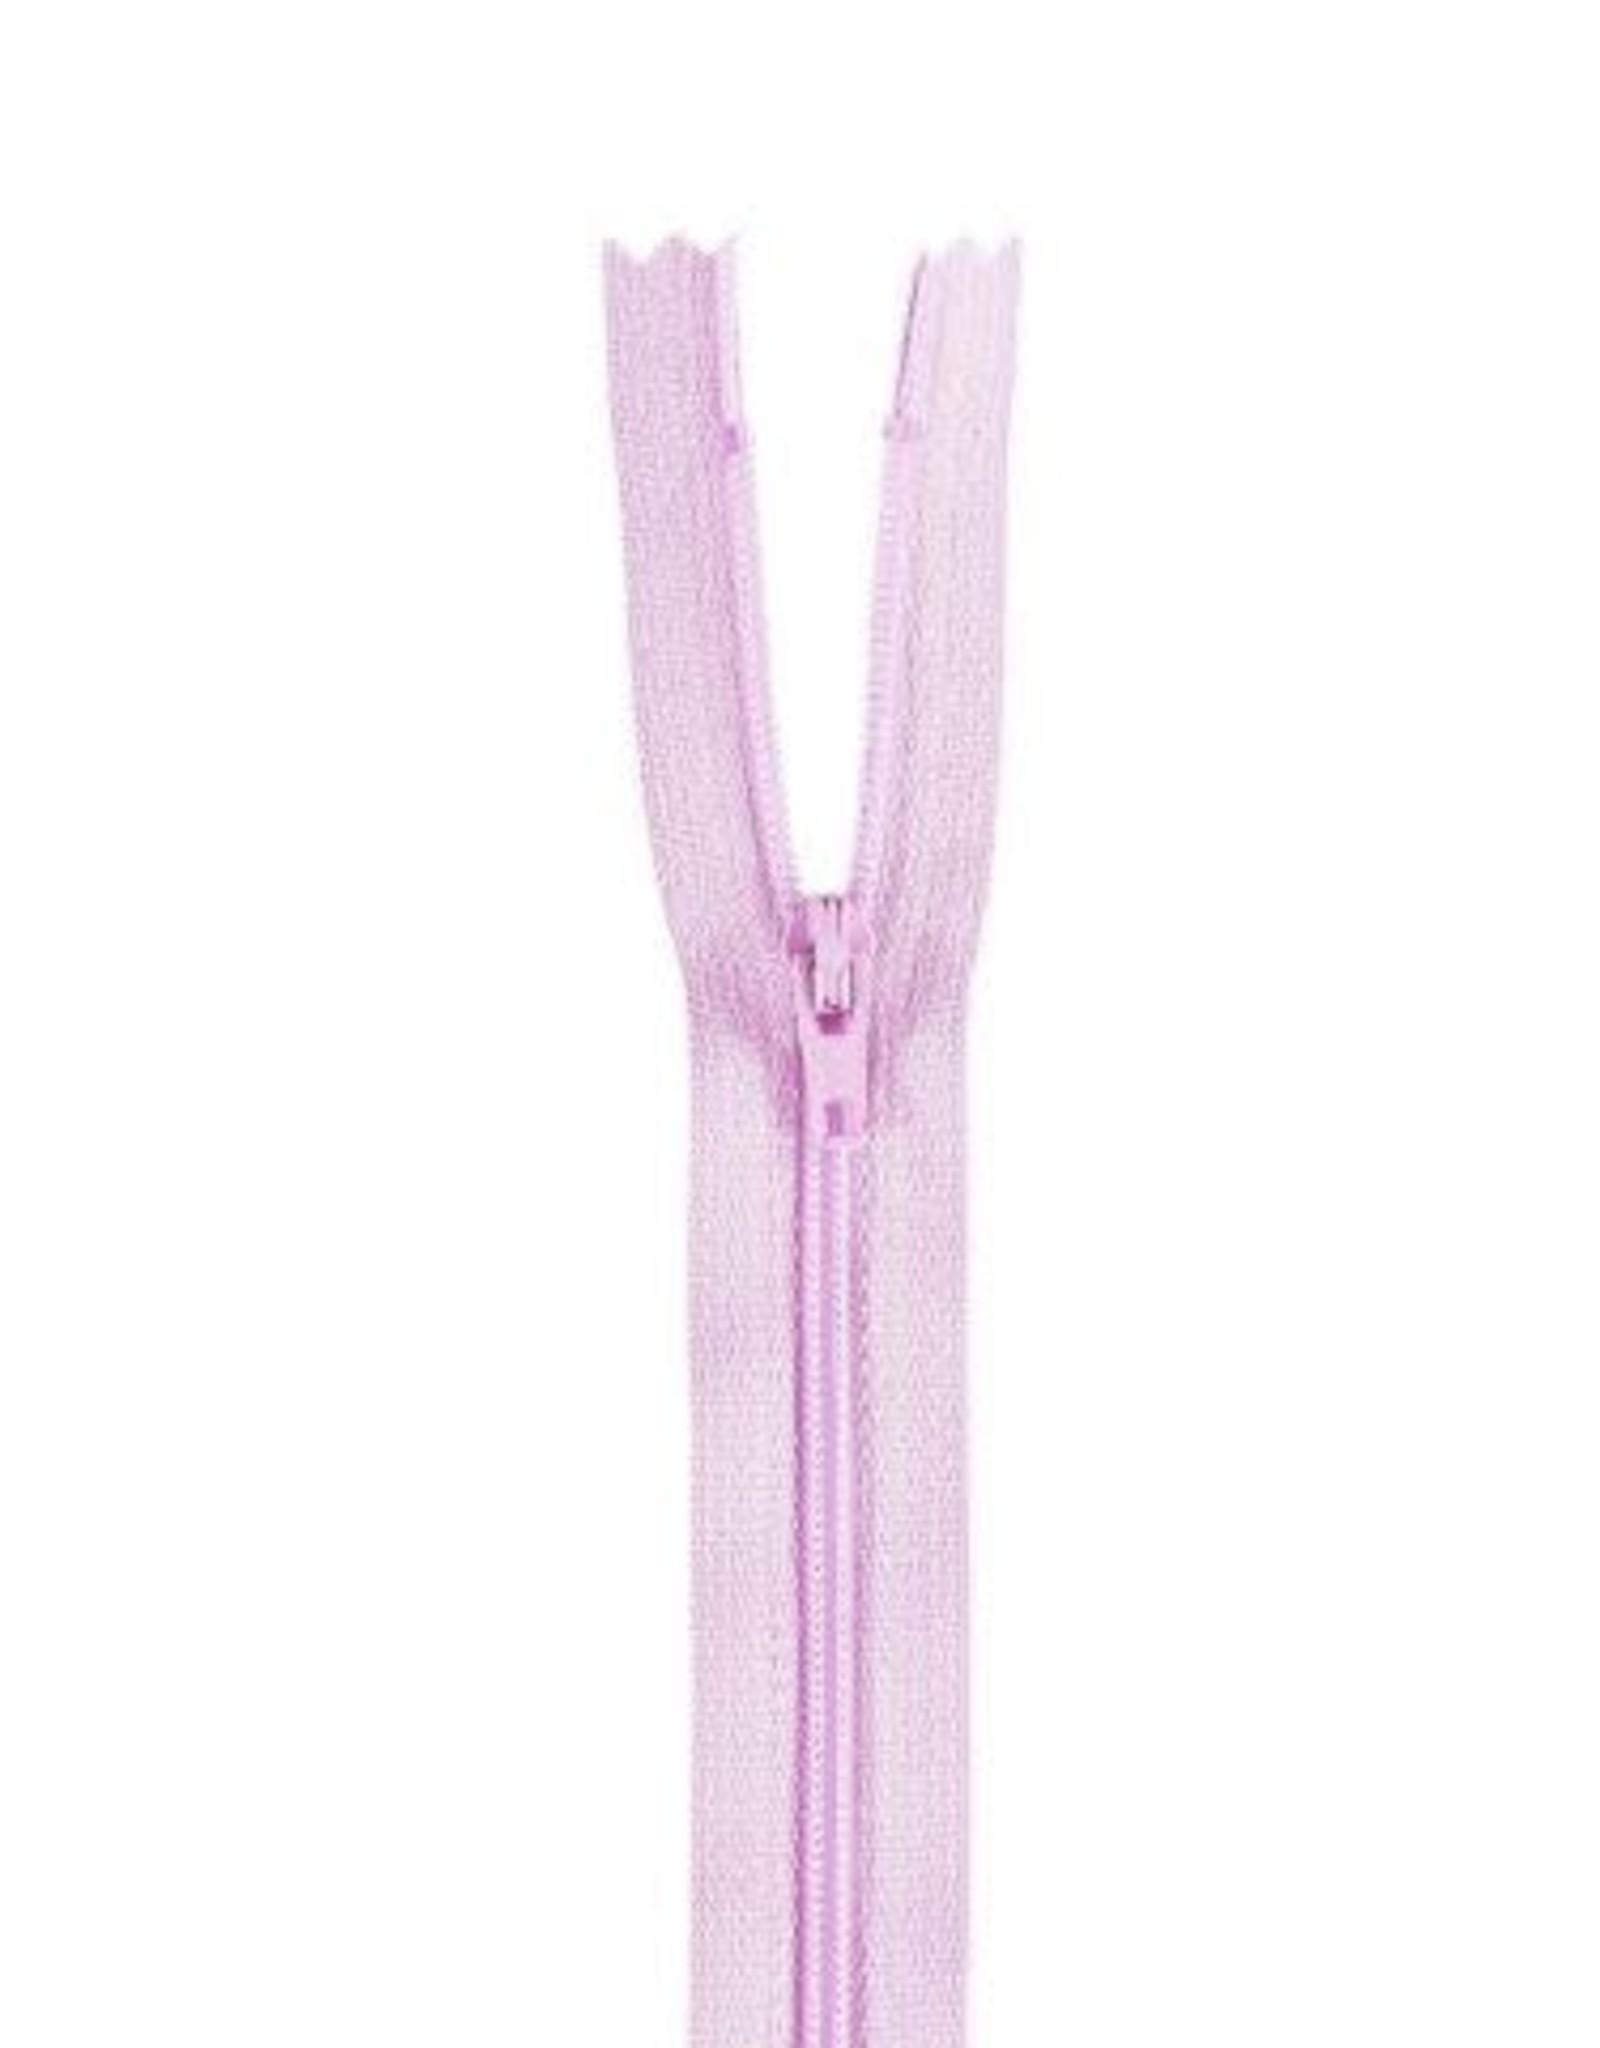 YKK Spiraalrits niet-DB 3mm licht roze paars 068-35cm